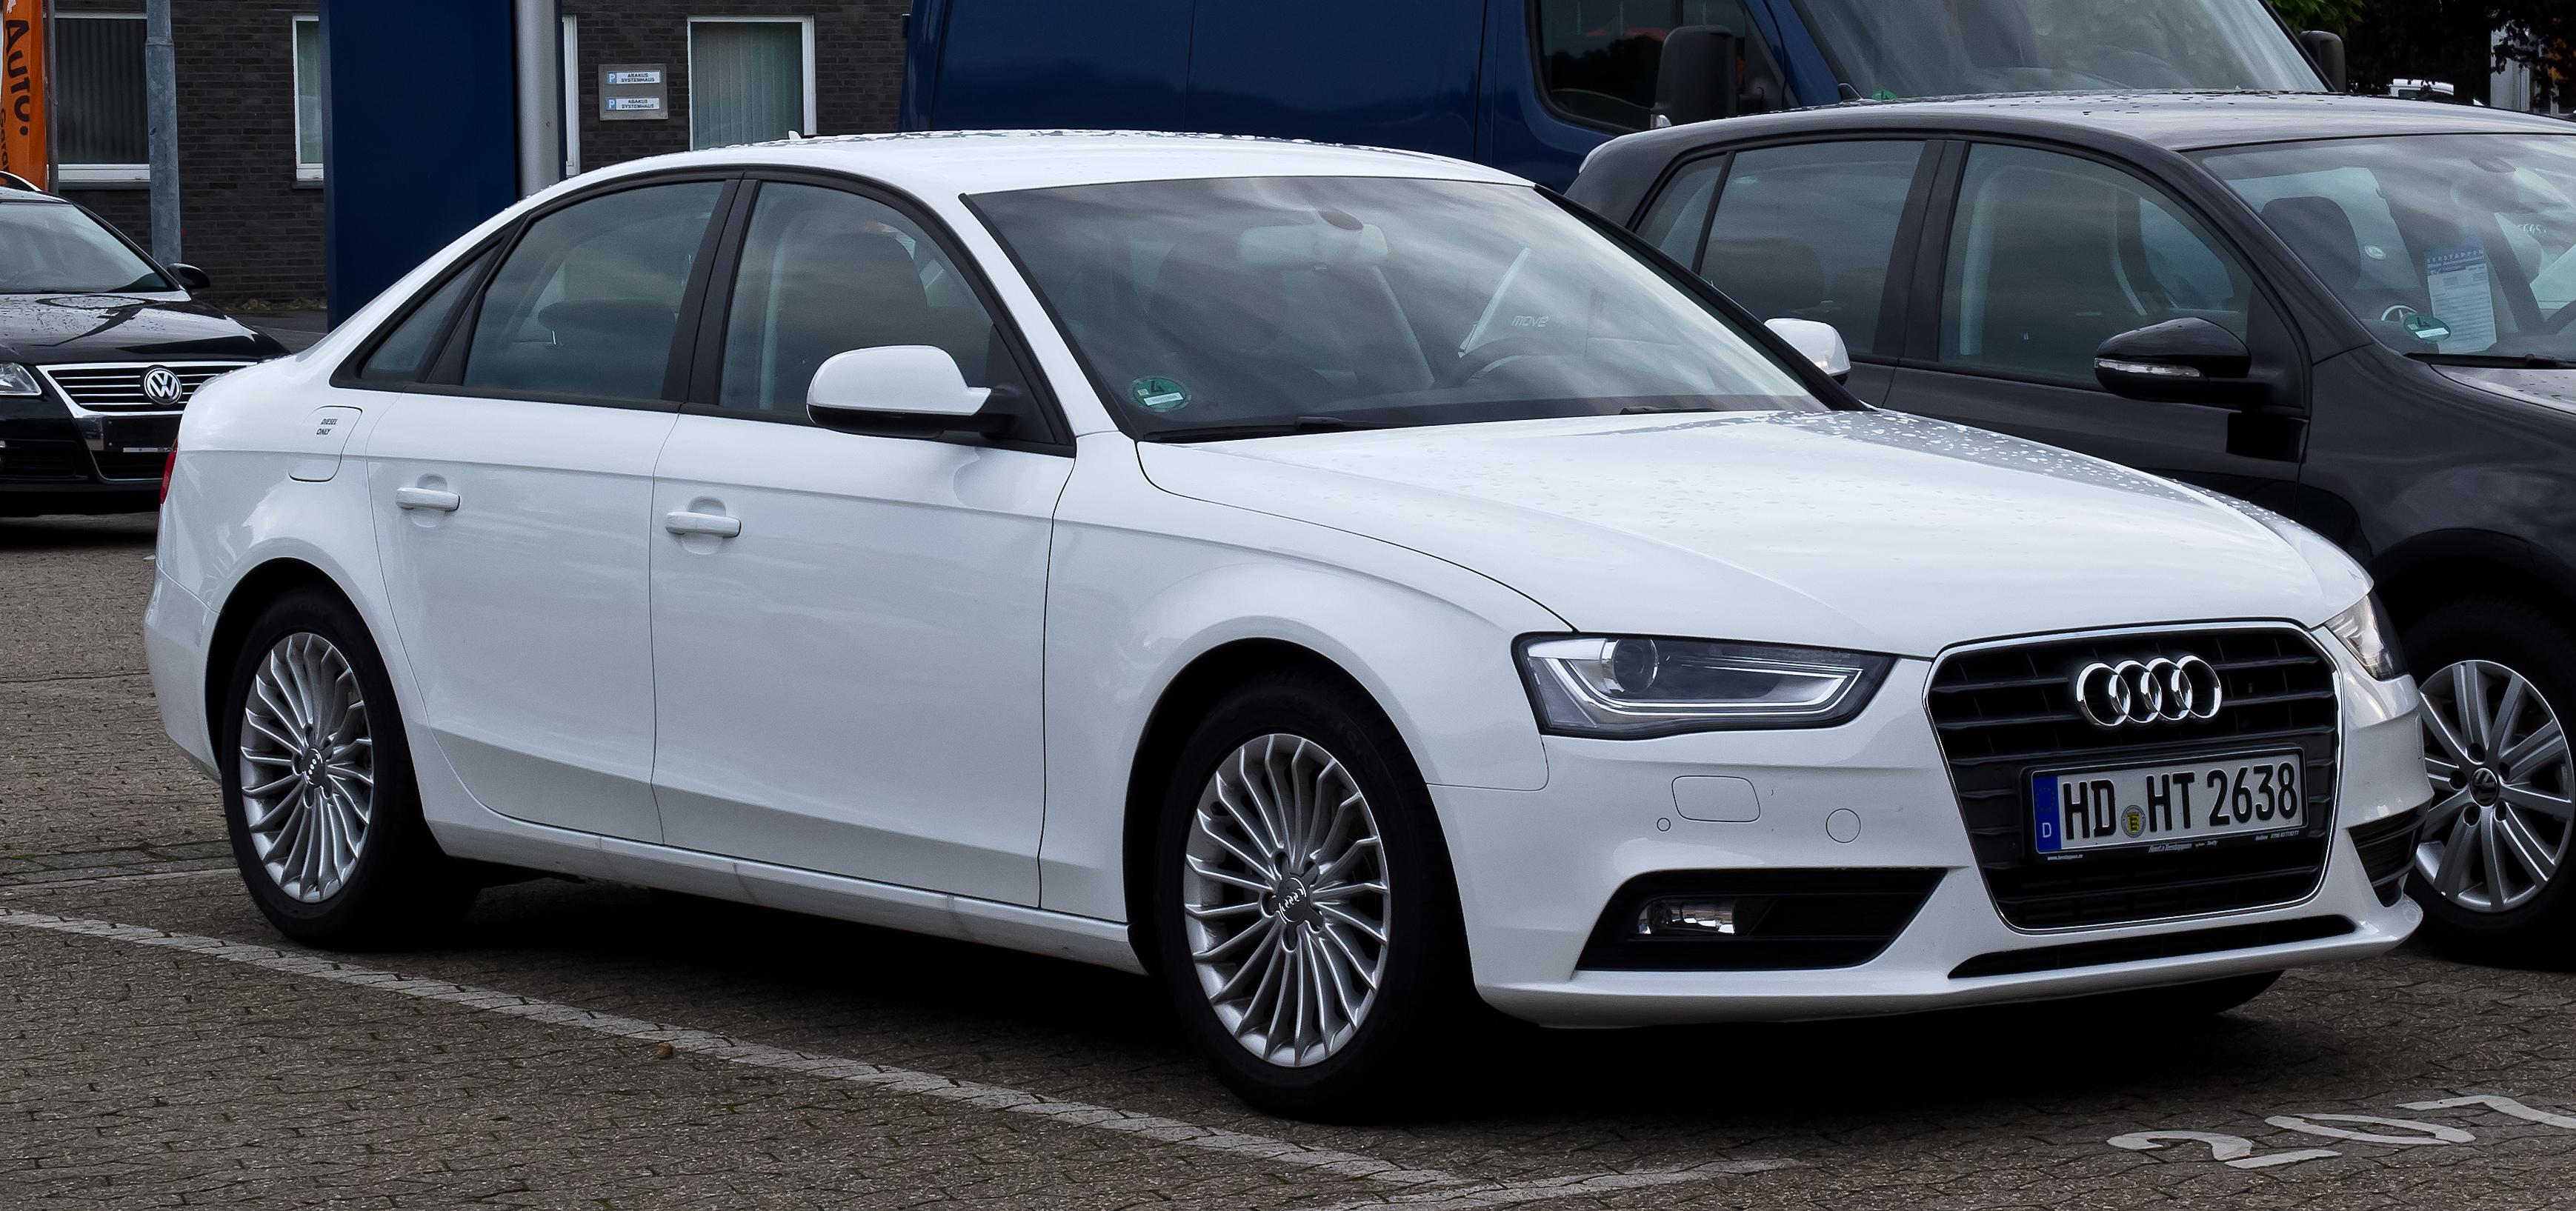 Audi a4 avant 2016 white 15